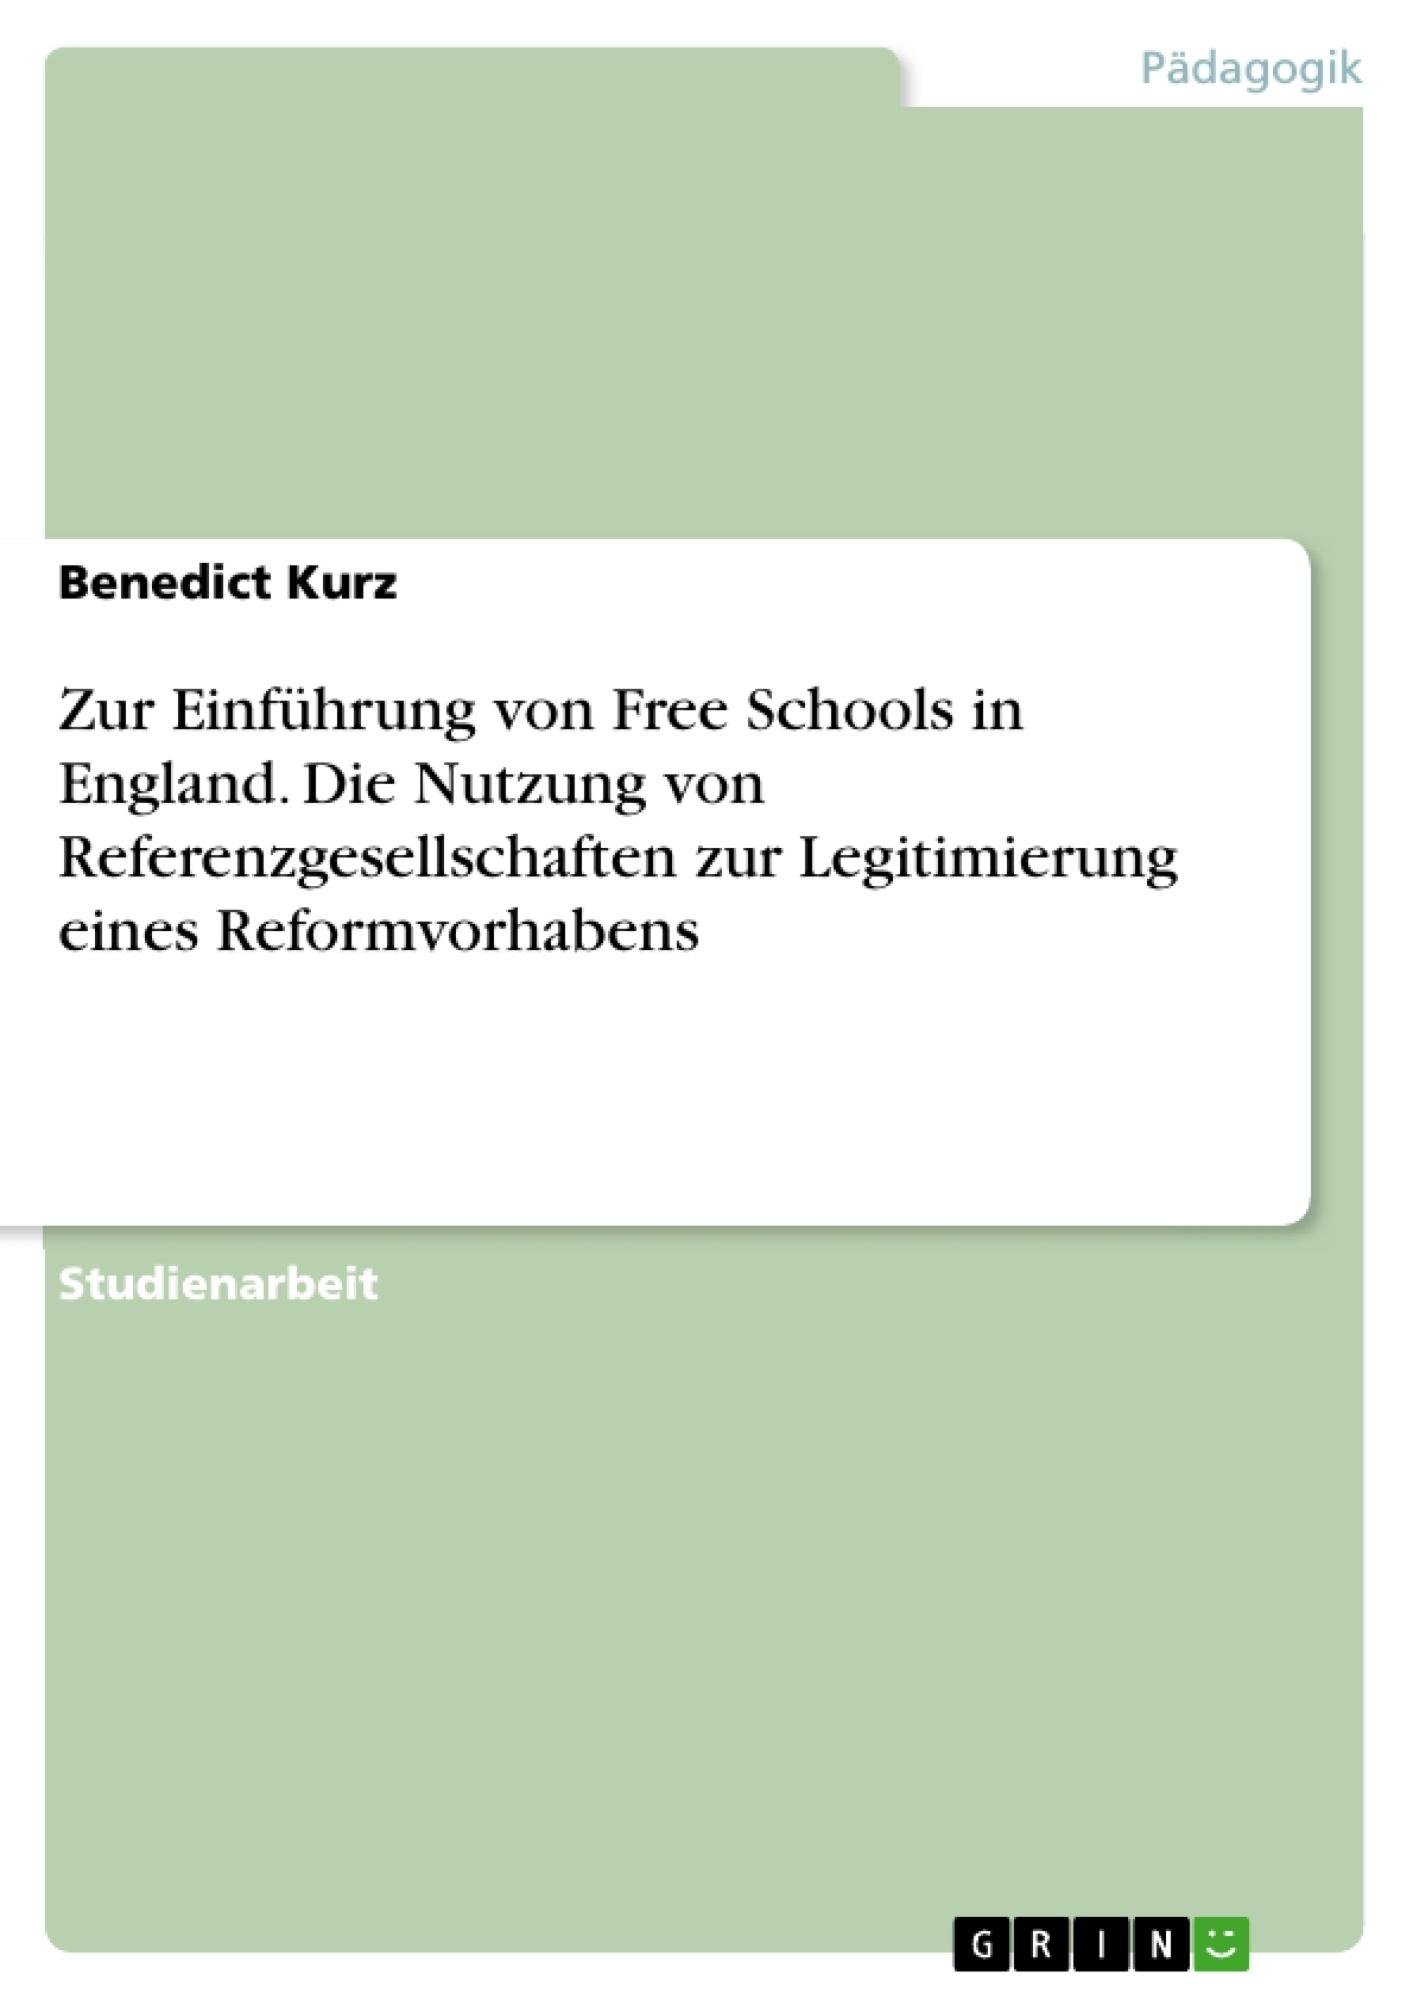 Titel: Zur Einführung von Free Schools in England. Die Nutzung von Referenzgesellschaften zur Legitimierung eines Reformvorhabens